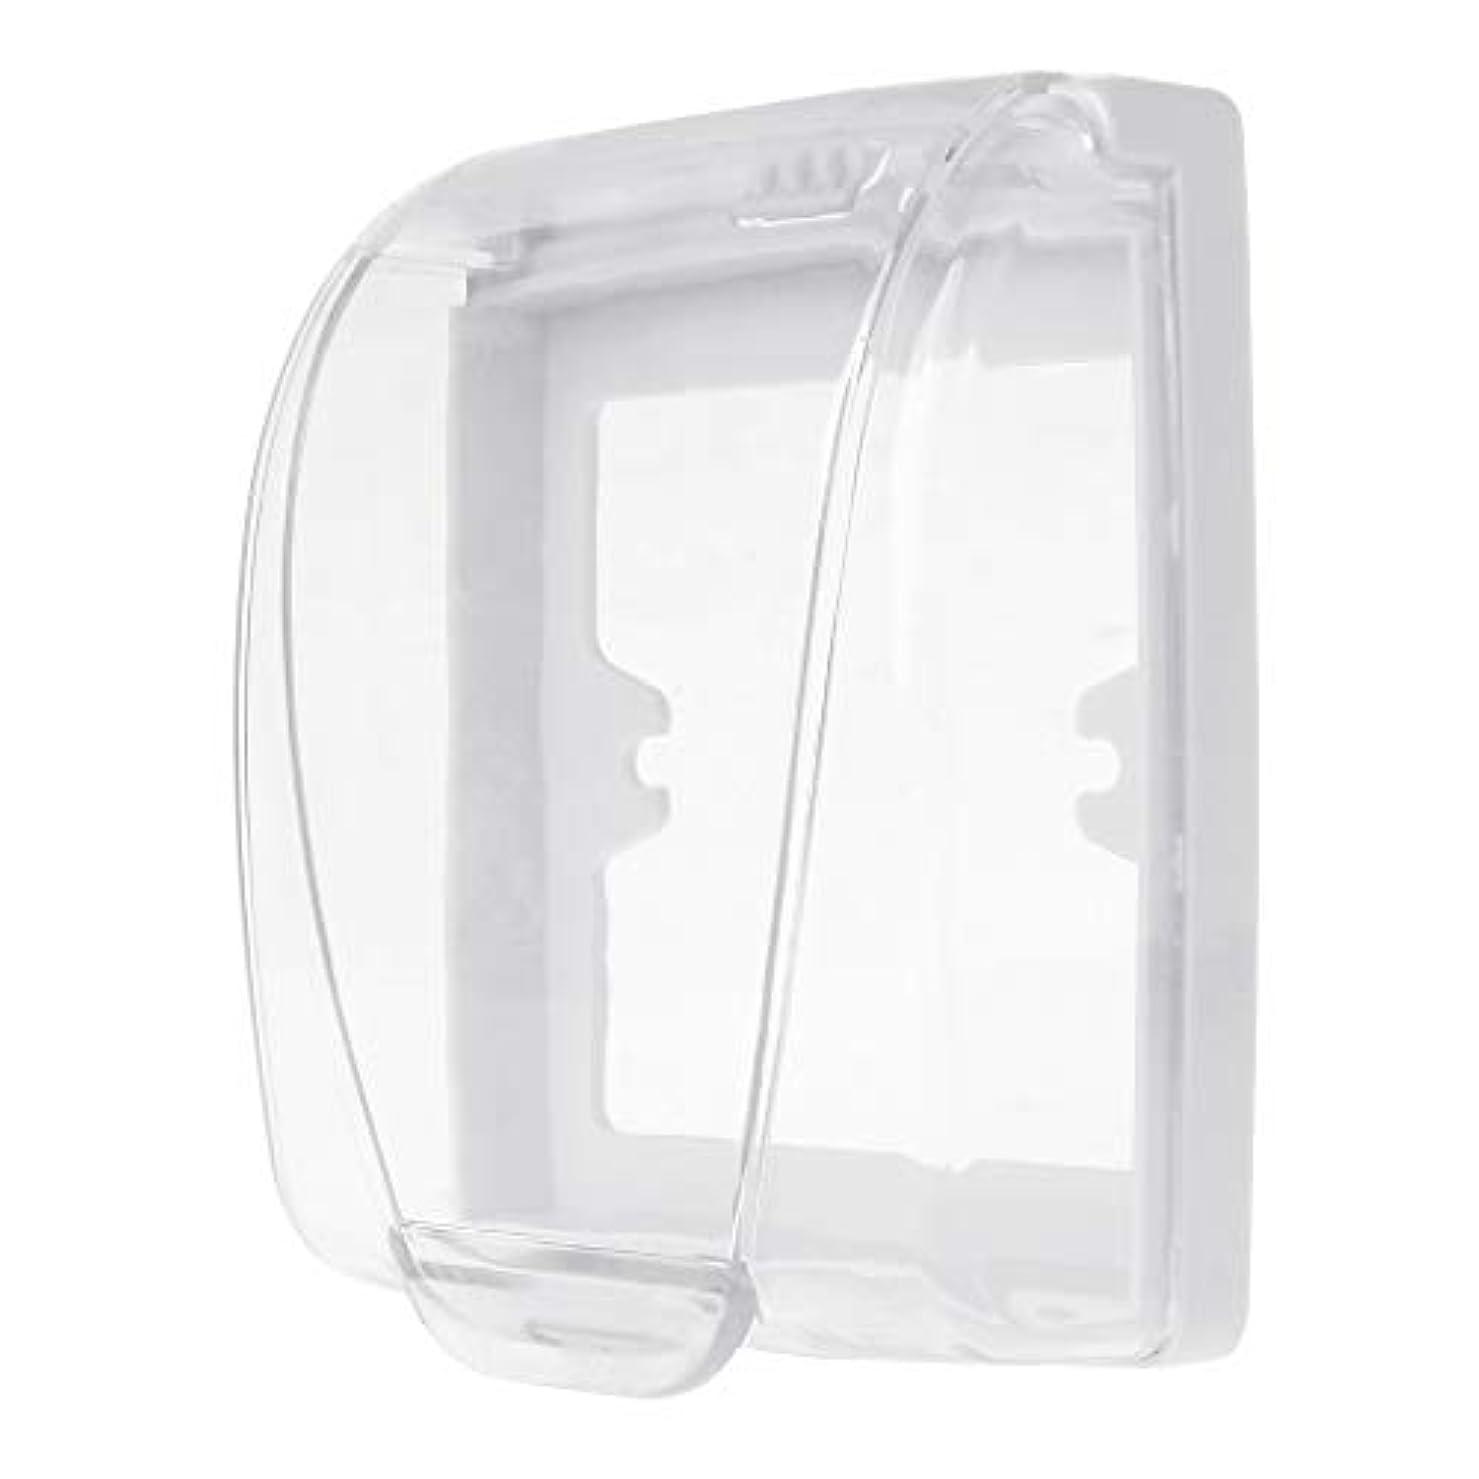 アメリカ中級厄介なLamdooプラスチック壁防水カバーボックス壁ライトパネルソケットドアベルフリップキャップカバークリア浴室キッチンアクセサリー